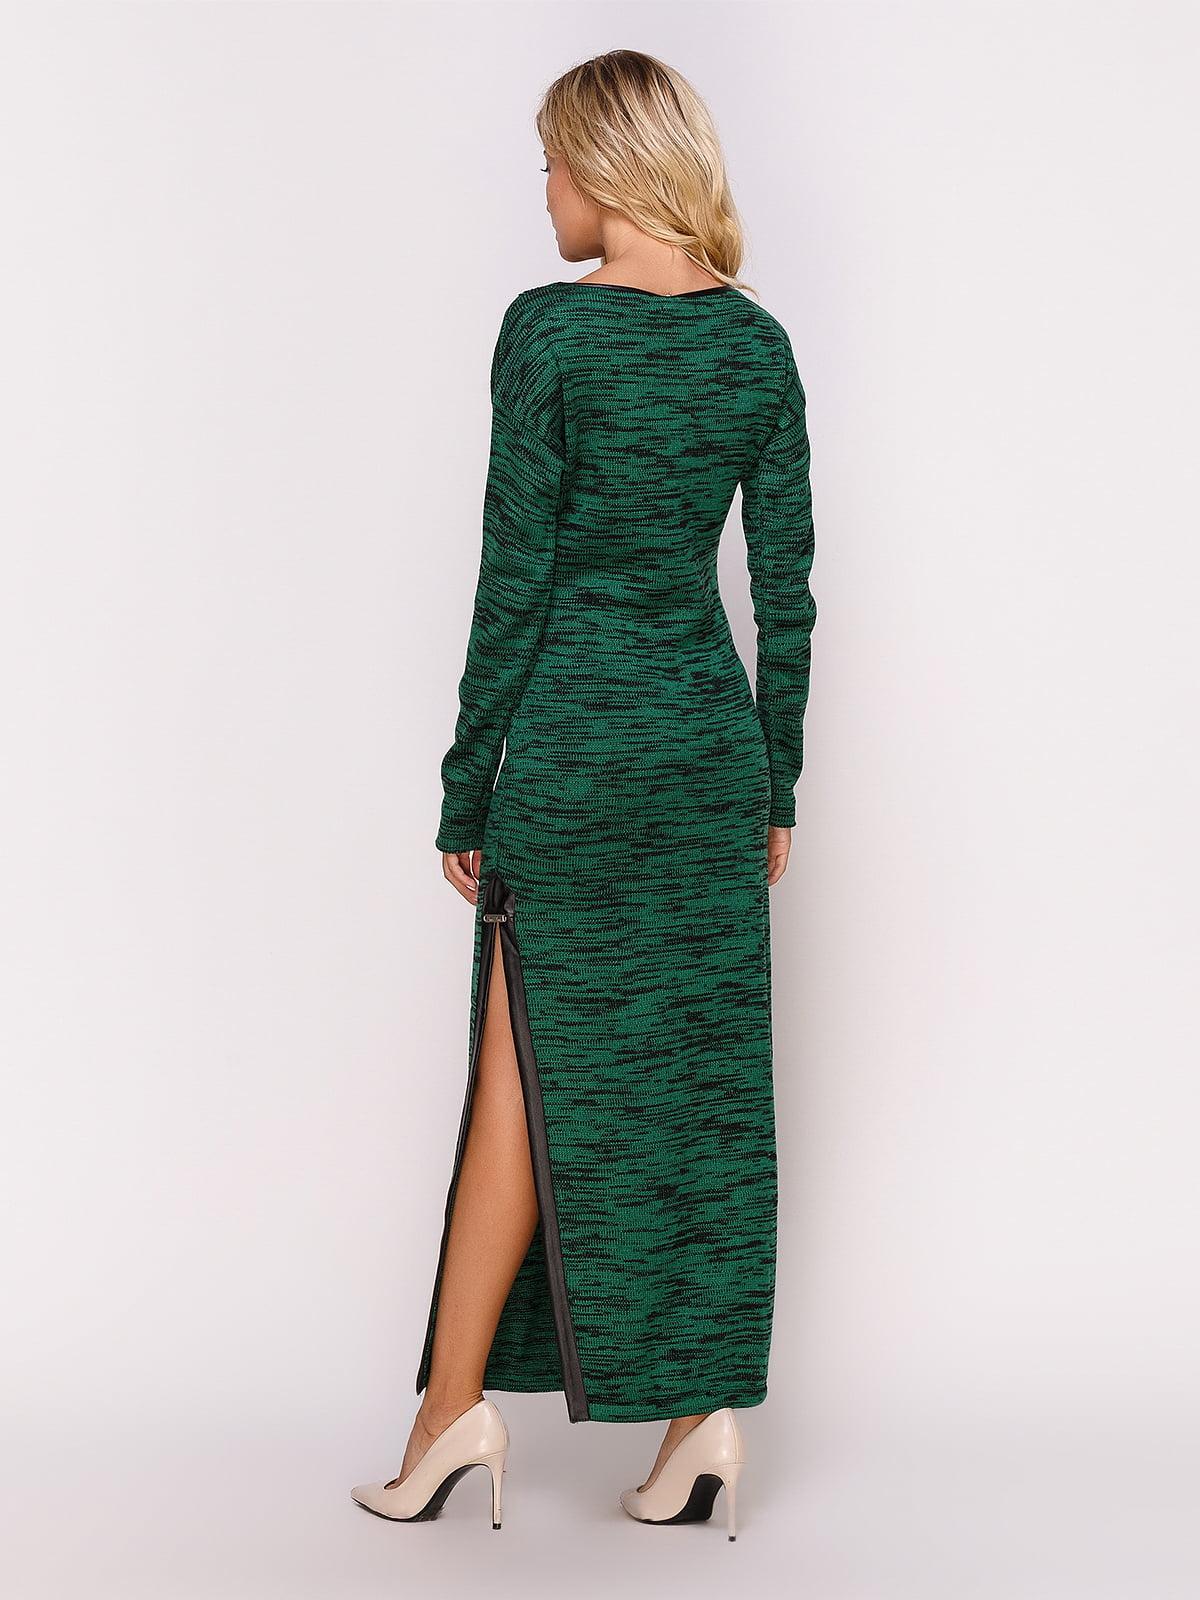 Сукня пляшкового кольору | 4566977 | фото 2